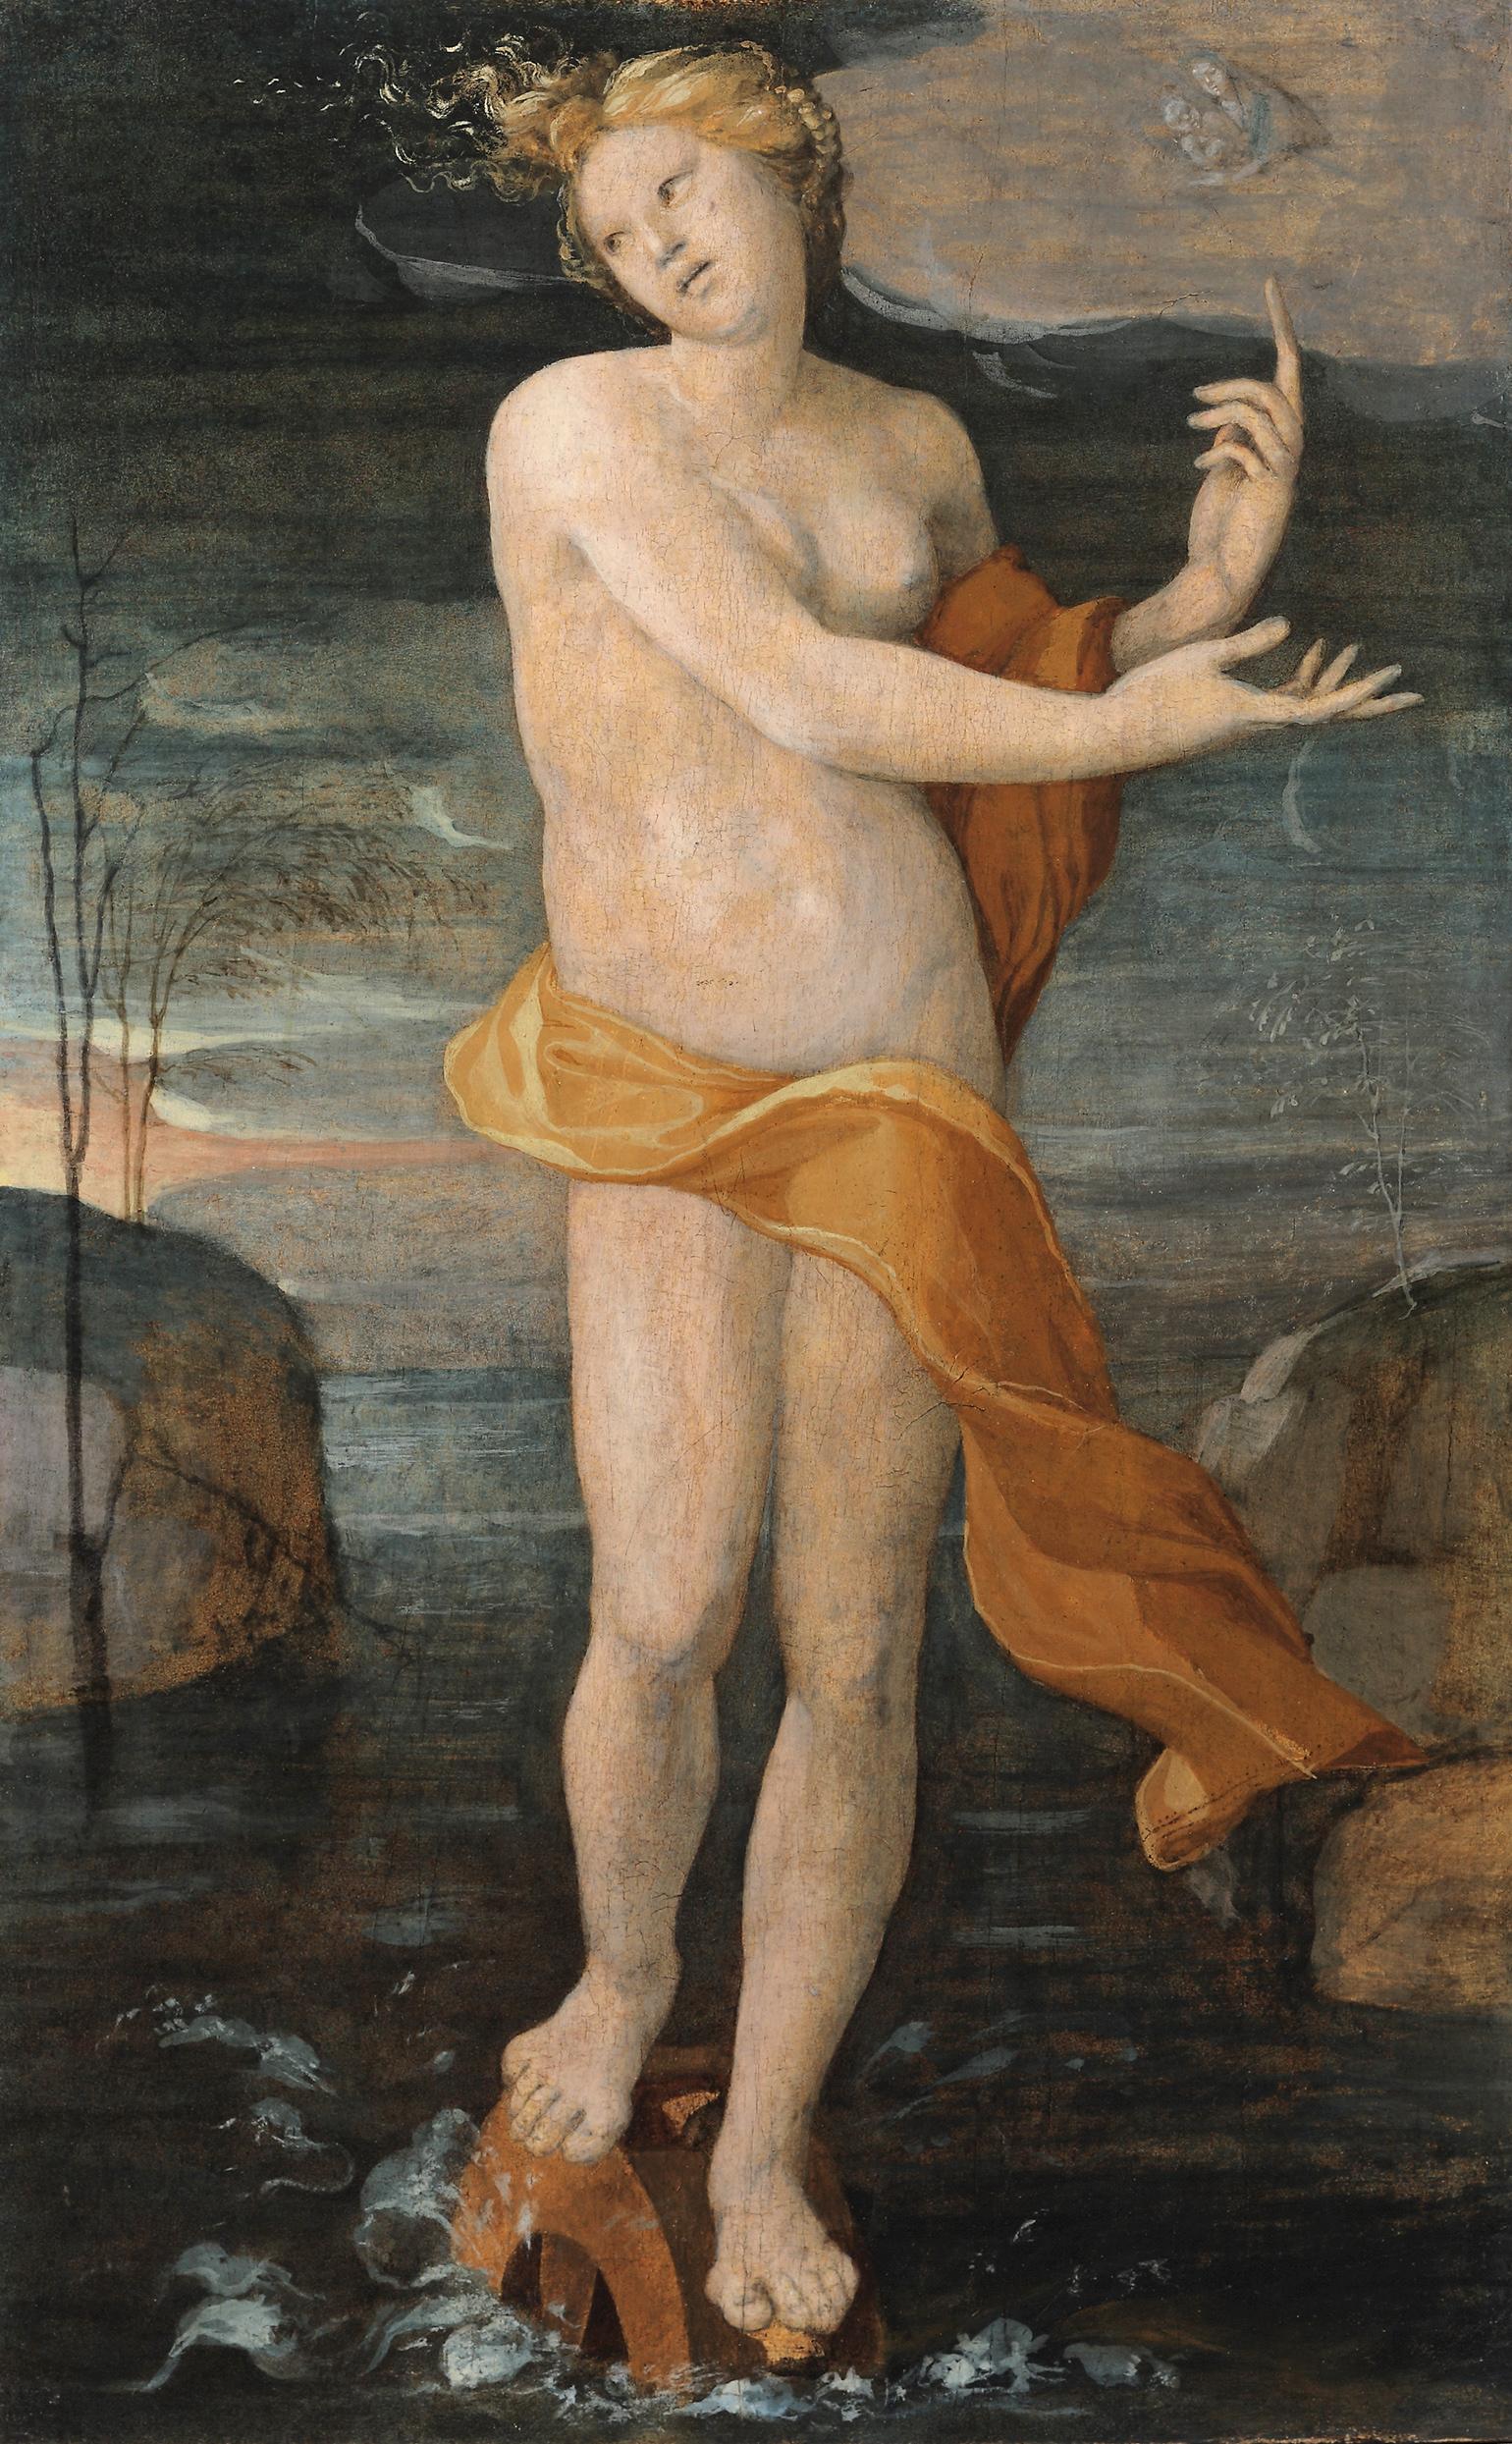 DOMENICO BECCAFUMI  (Valdibiana 1486 - 1551 Siena)    Allegory of Fortune    Oil on panel   32 3/4 x 20 3/8 inches (83.2 x 51.8 cm)